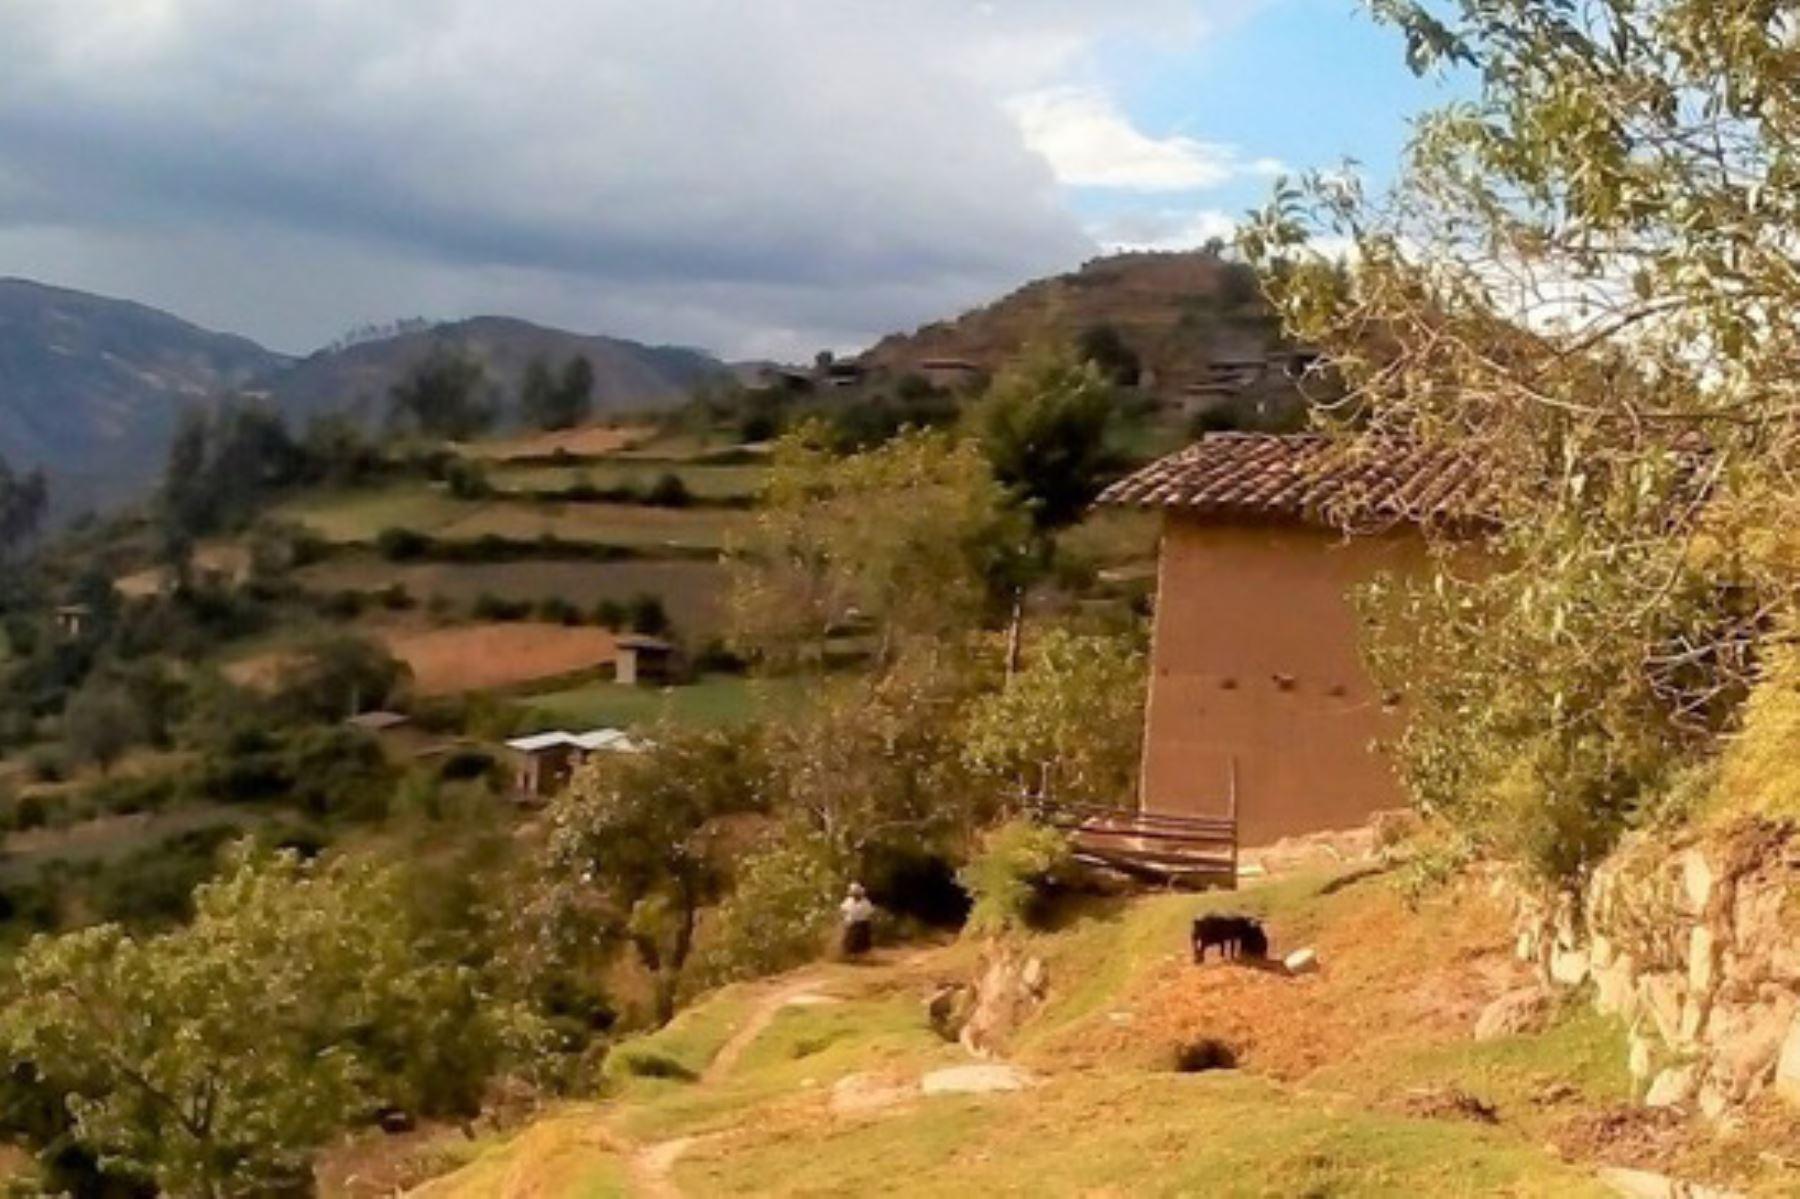 La carretera Mollepata-Pallasca contribuirá a mejorar la movilidad de los ciudadanos en los centros poblados de Shindol y Culcubamba, y el distrito de Pallasca, región Áncash.